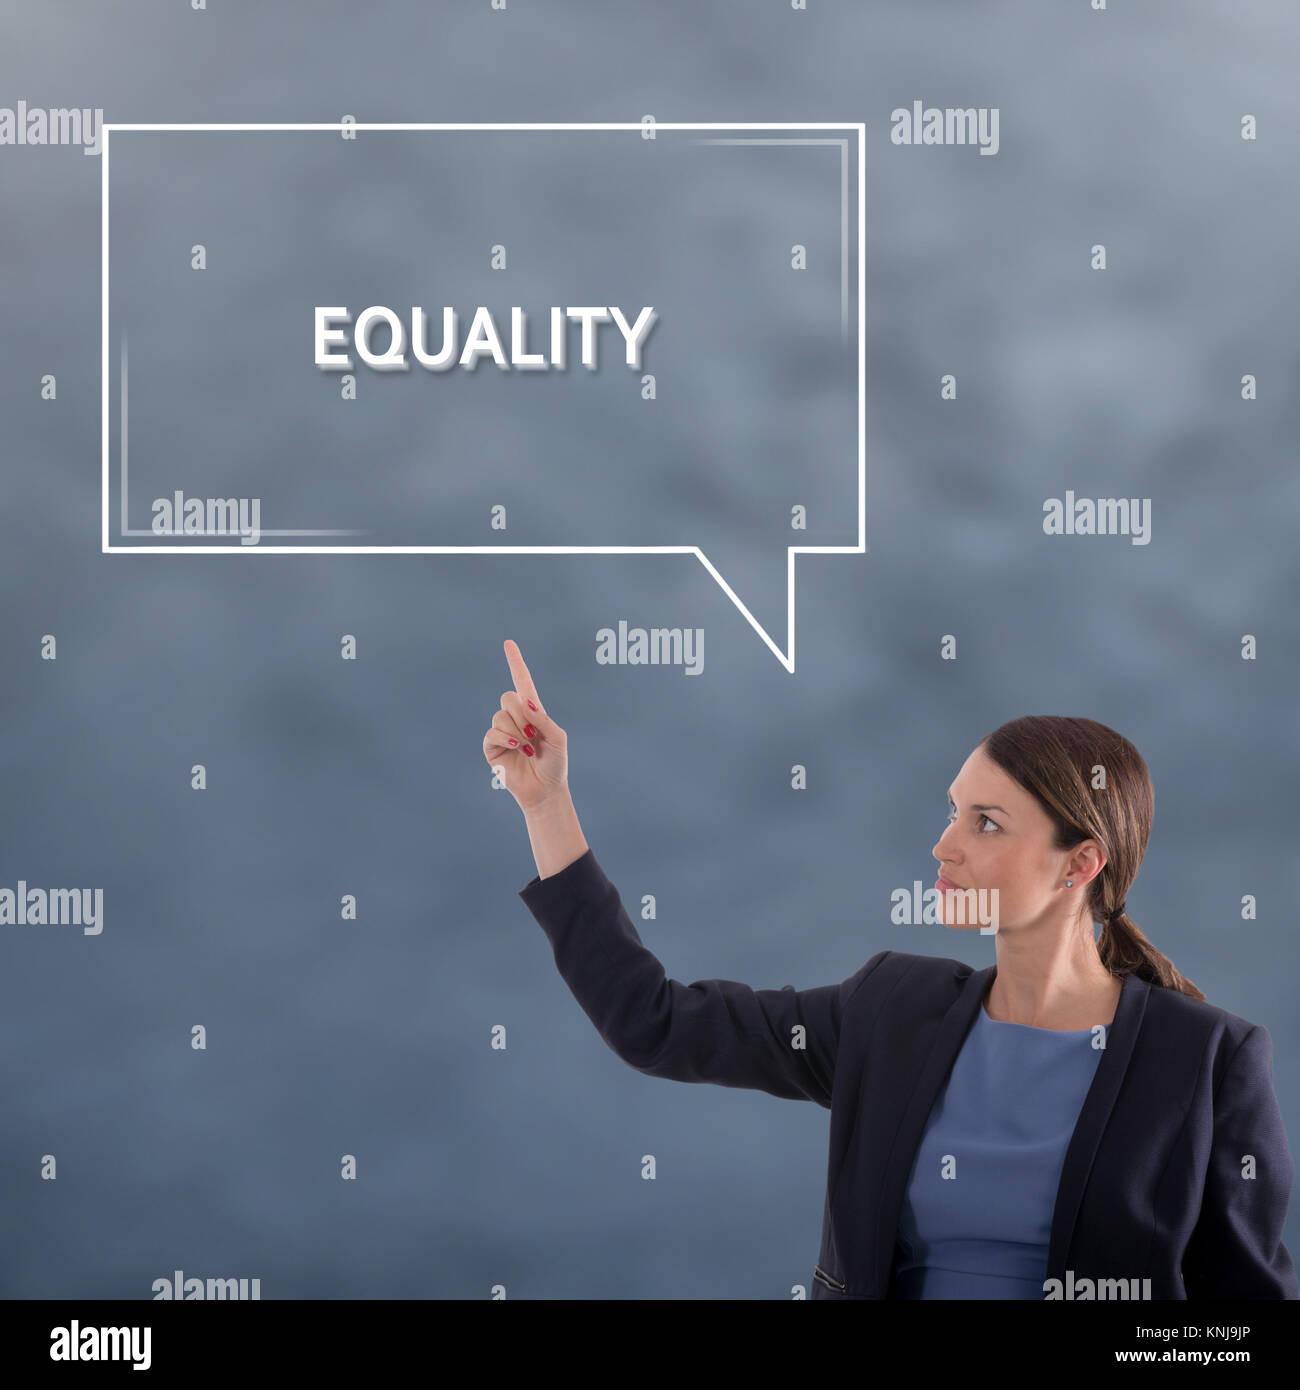 Gleichstellung von Frauen und Männern. Business Woman grafisches Konzept Stockbild